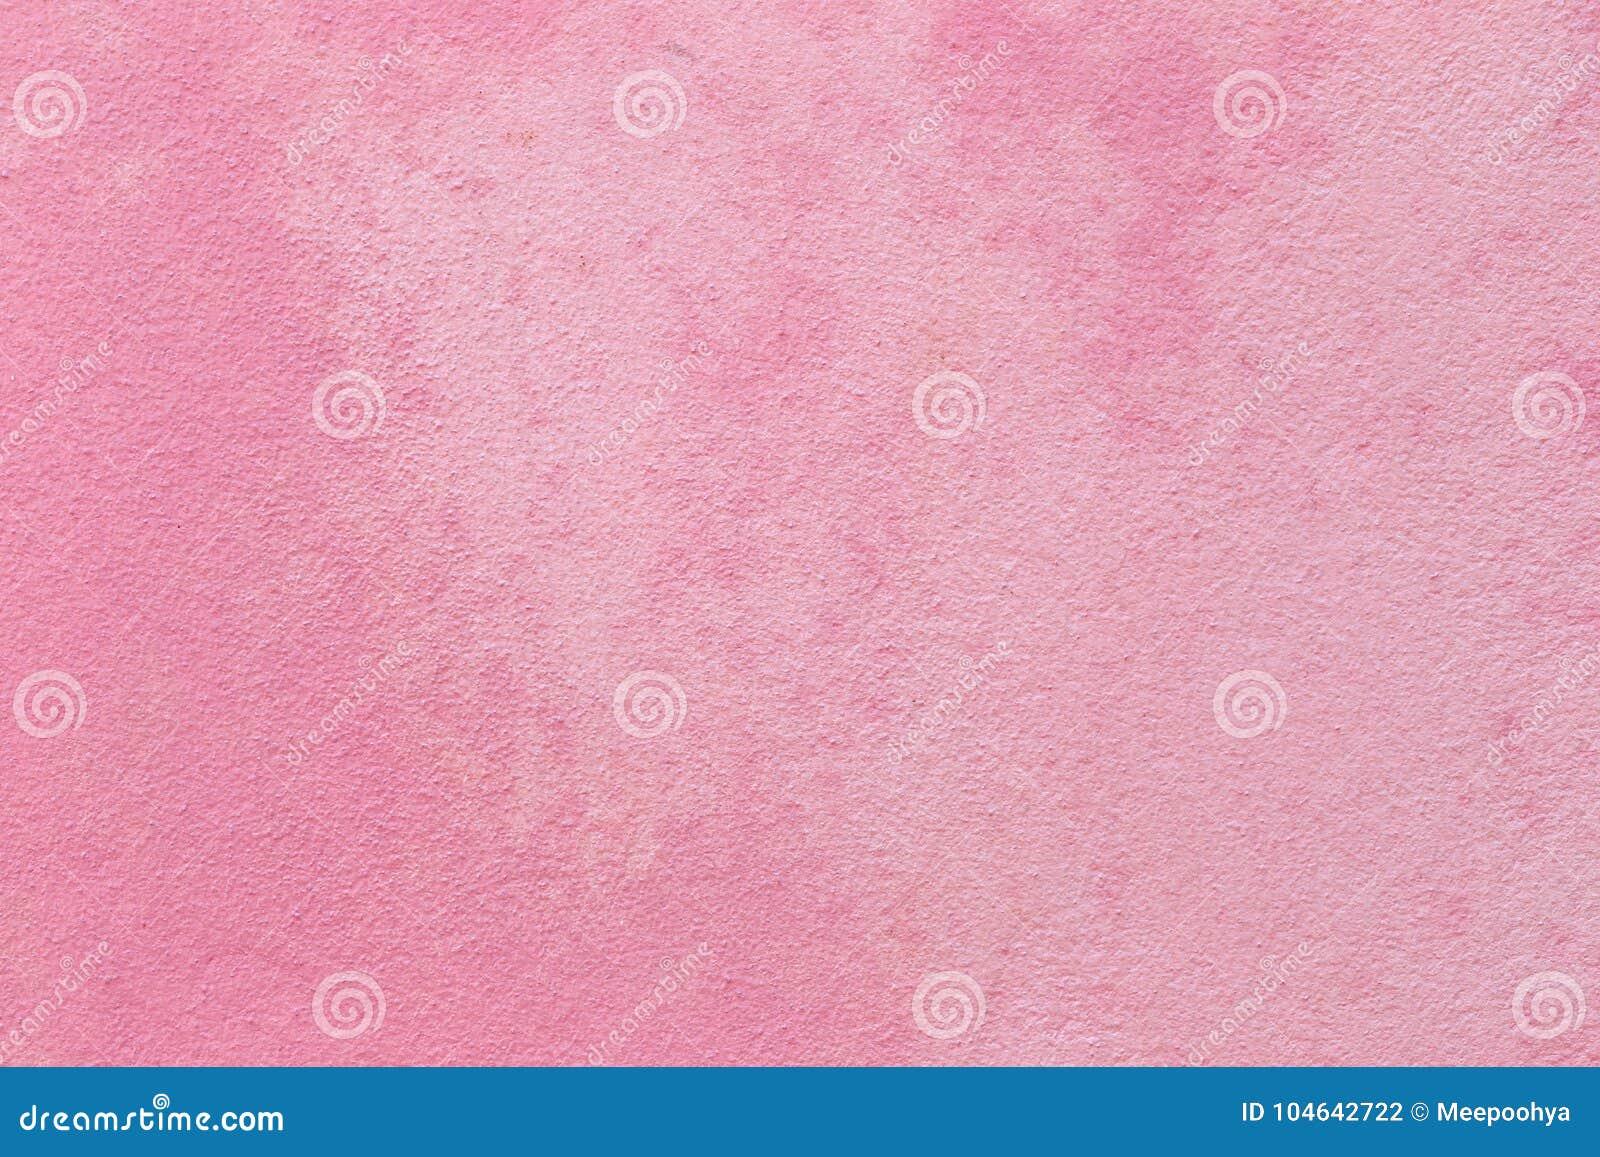 桃红色混凝土墙背景